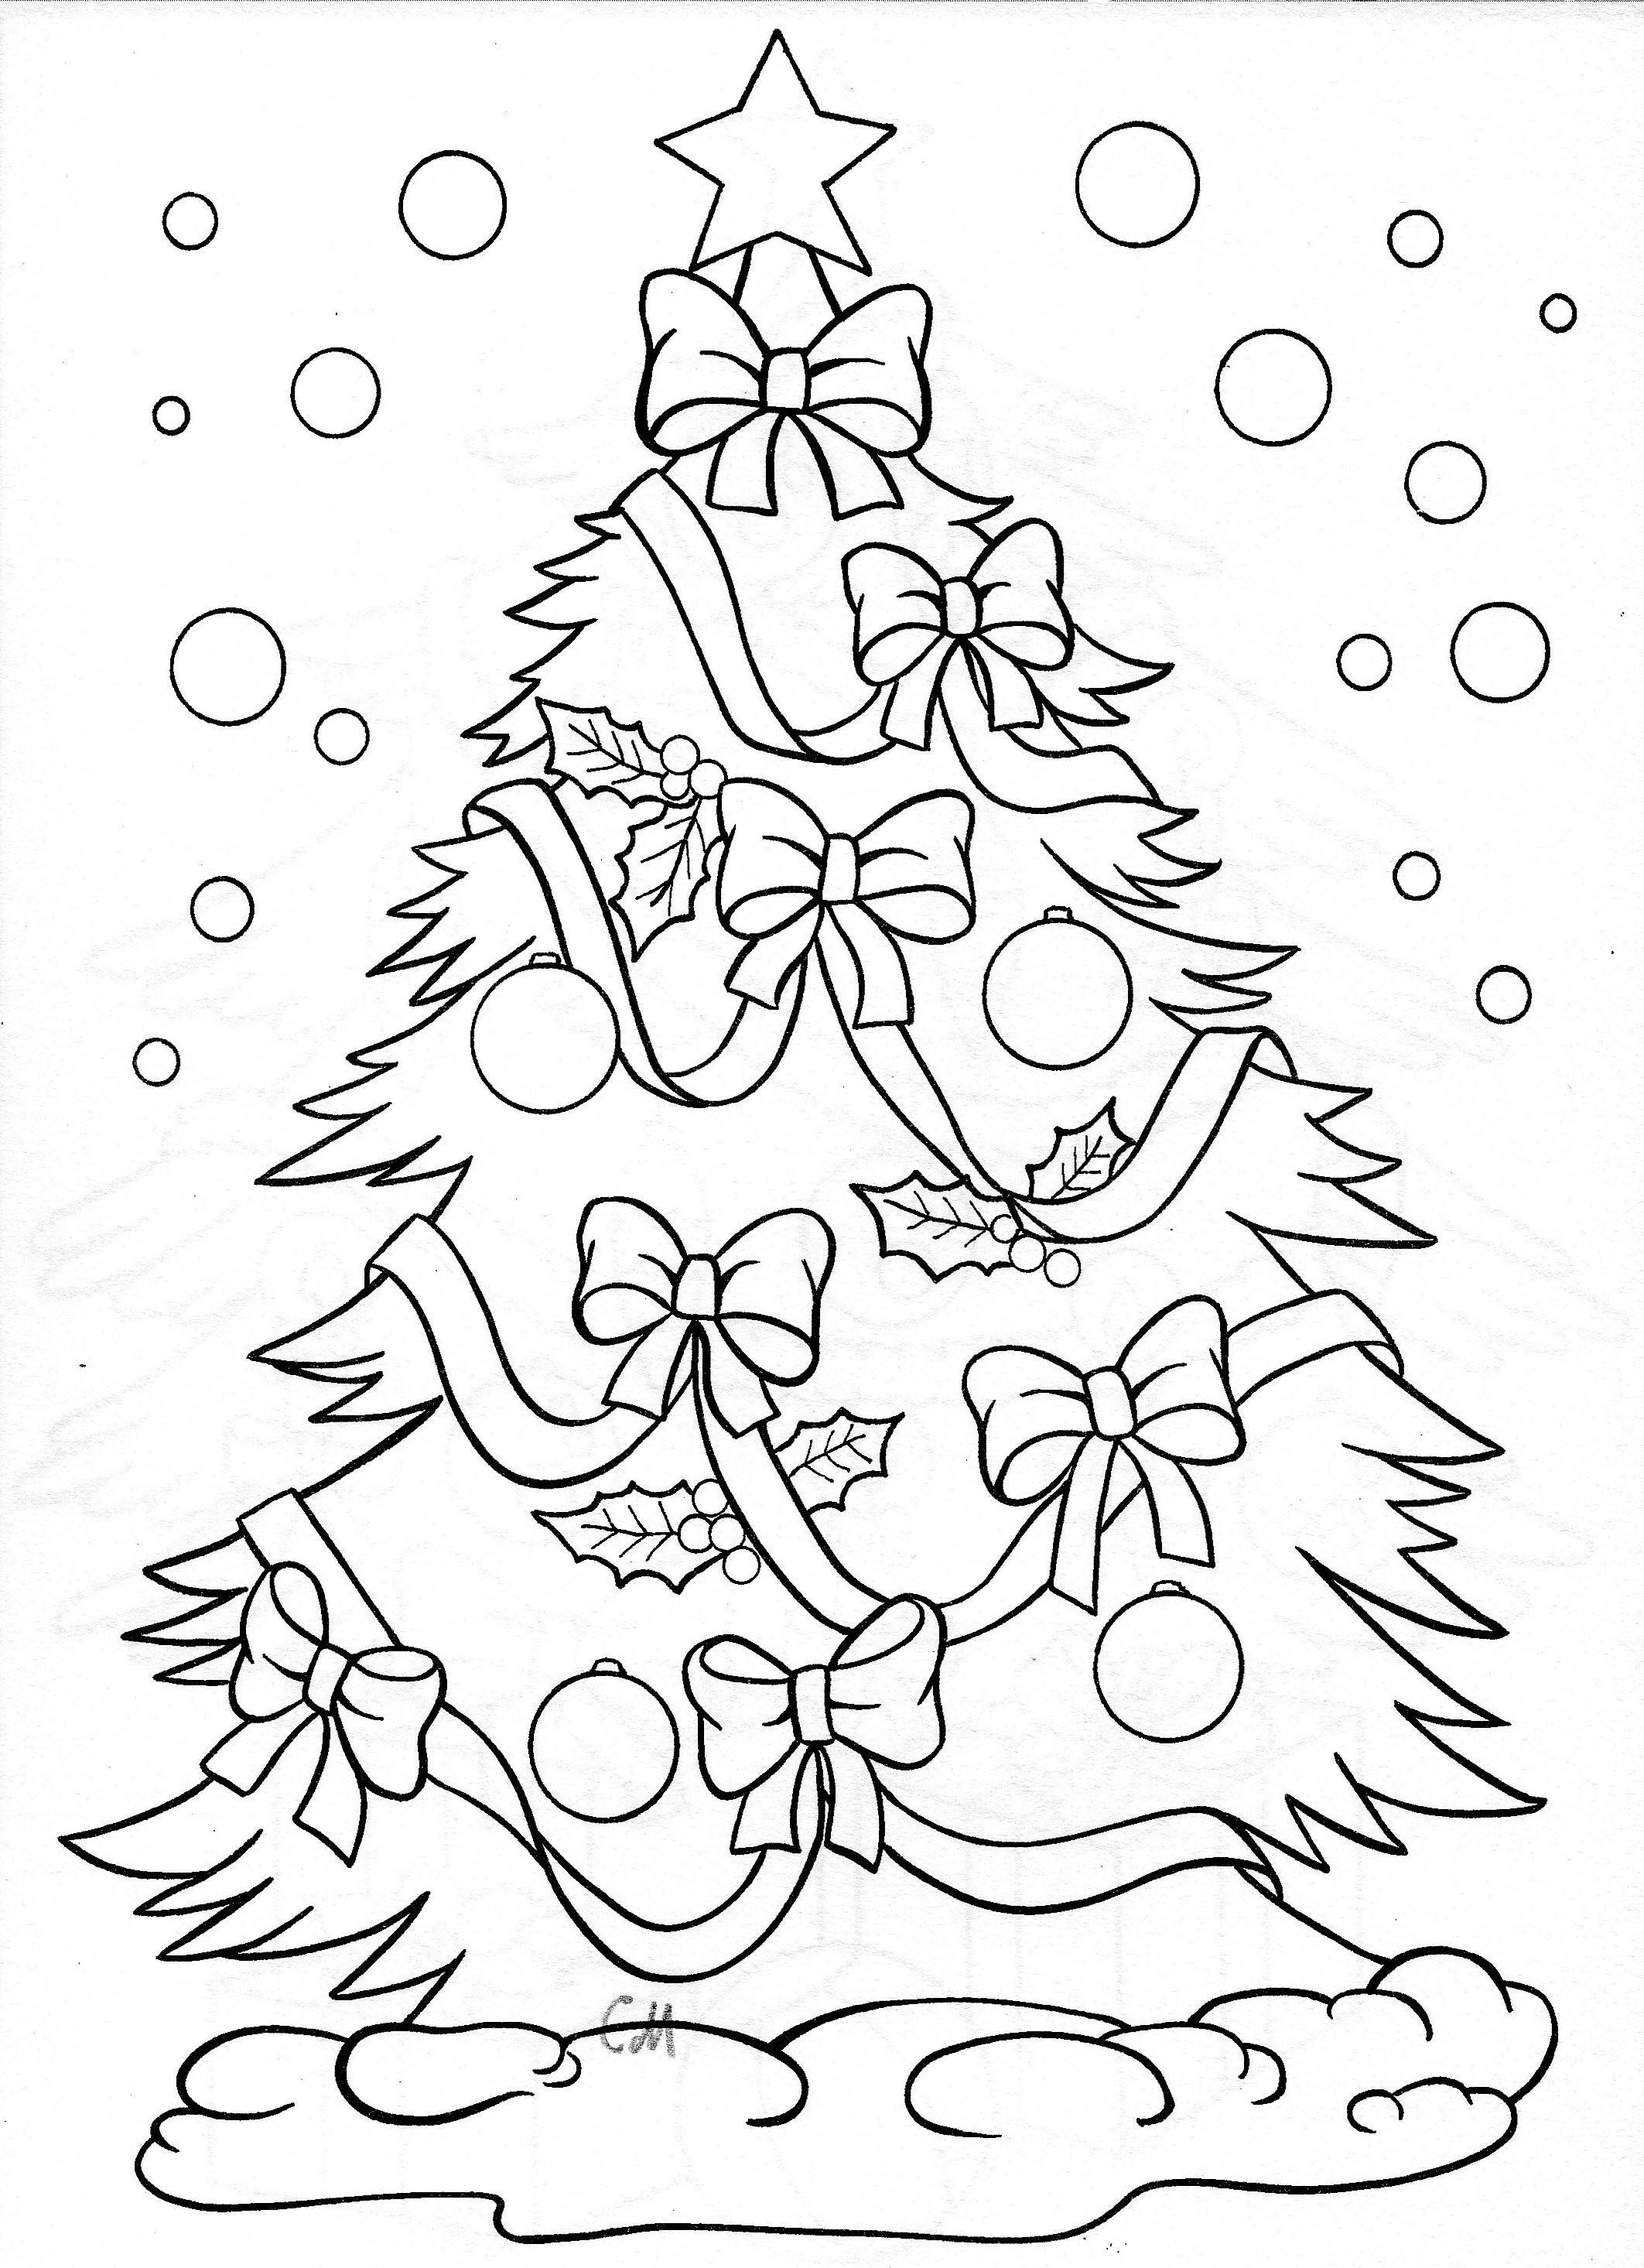 Ausmalbilder Für Kinder Weihnachten Kostenlos Inspirierend Frisch Bilderrätsel Für Kinder Depmo De Sammlung